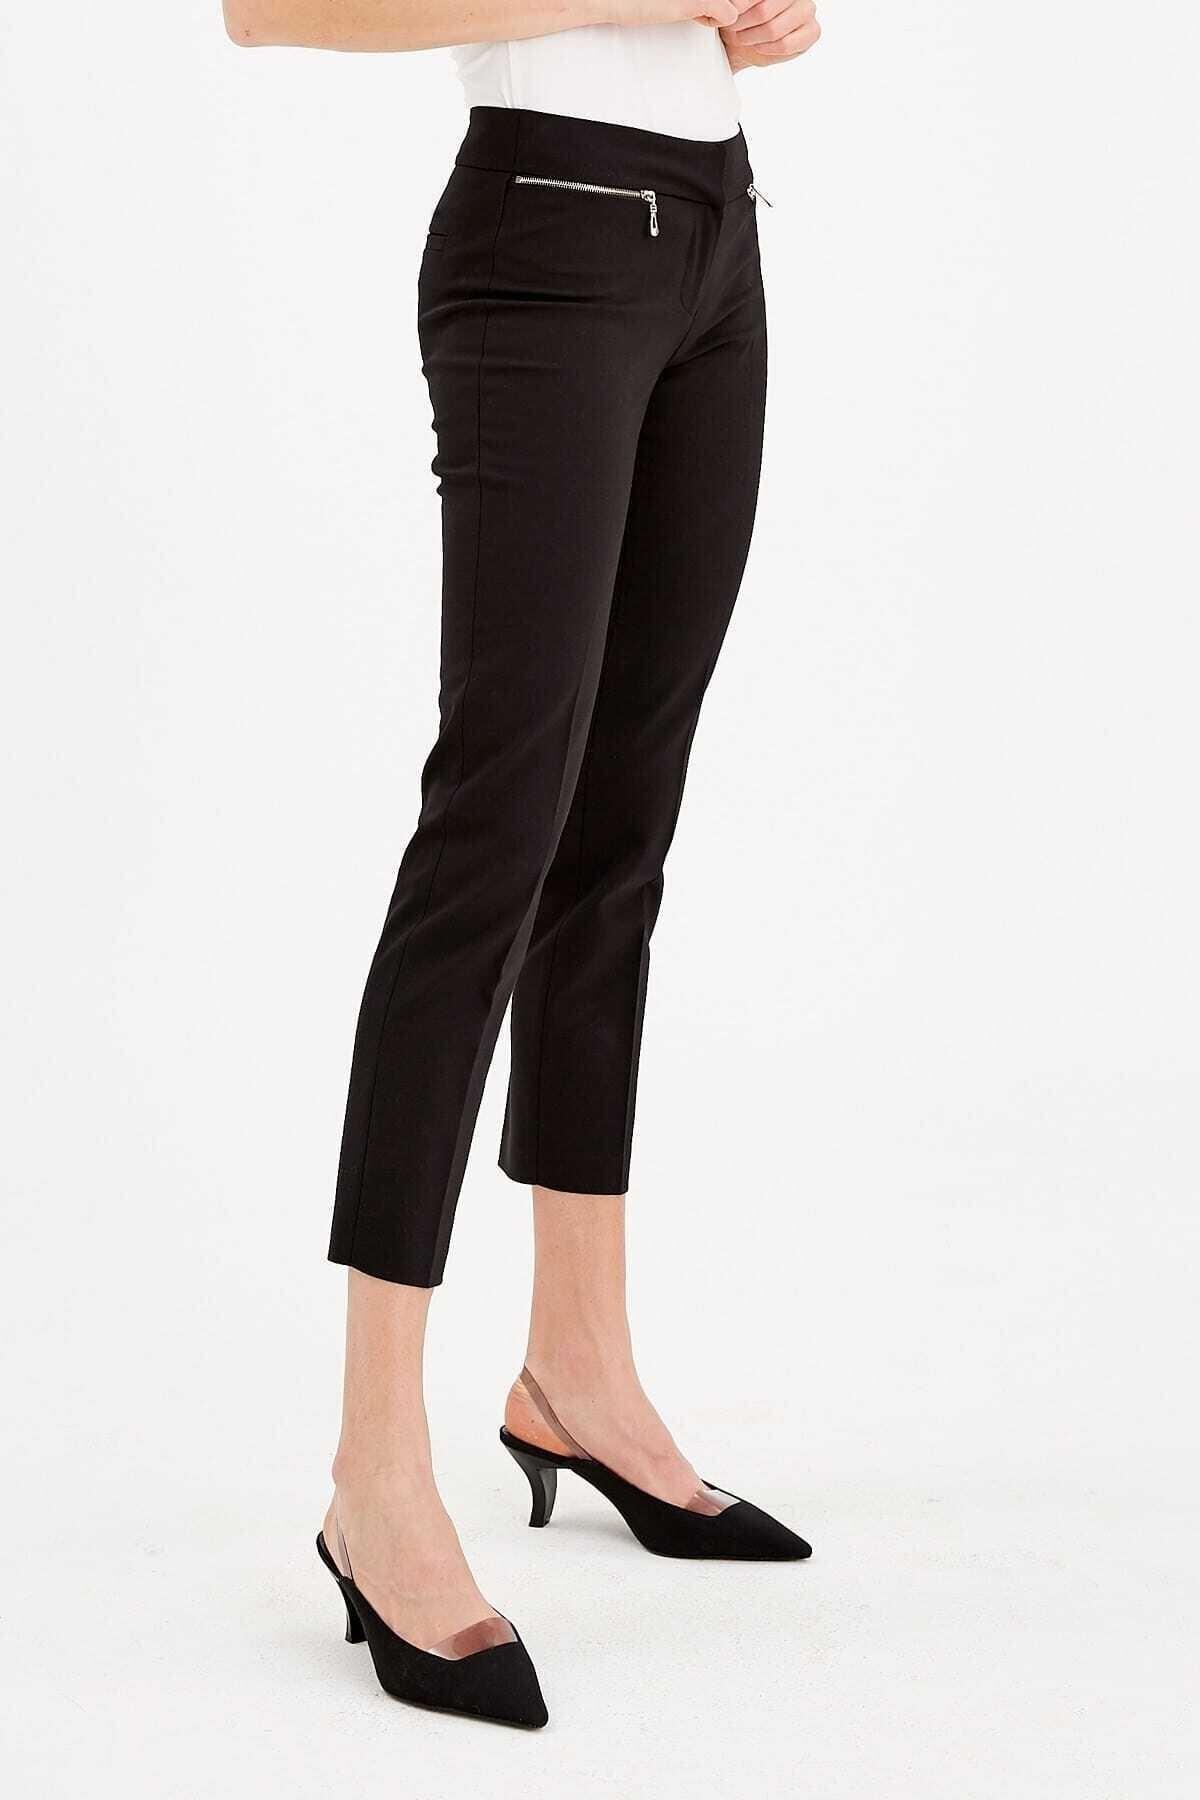 Journey Kadın Siyah Kemer Altı Metal Fermuarlıdar Paça Bilekte Pantolon 19ypnt060 2